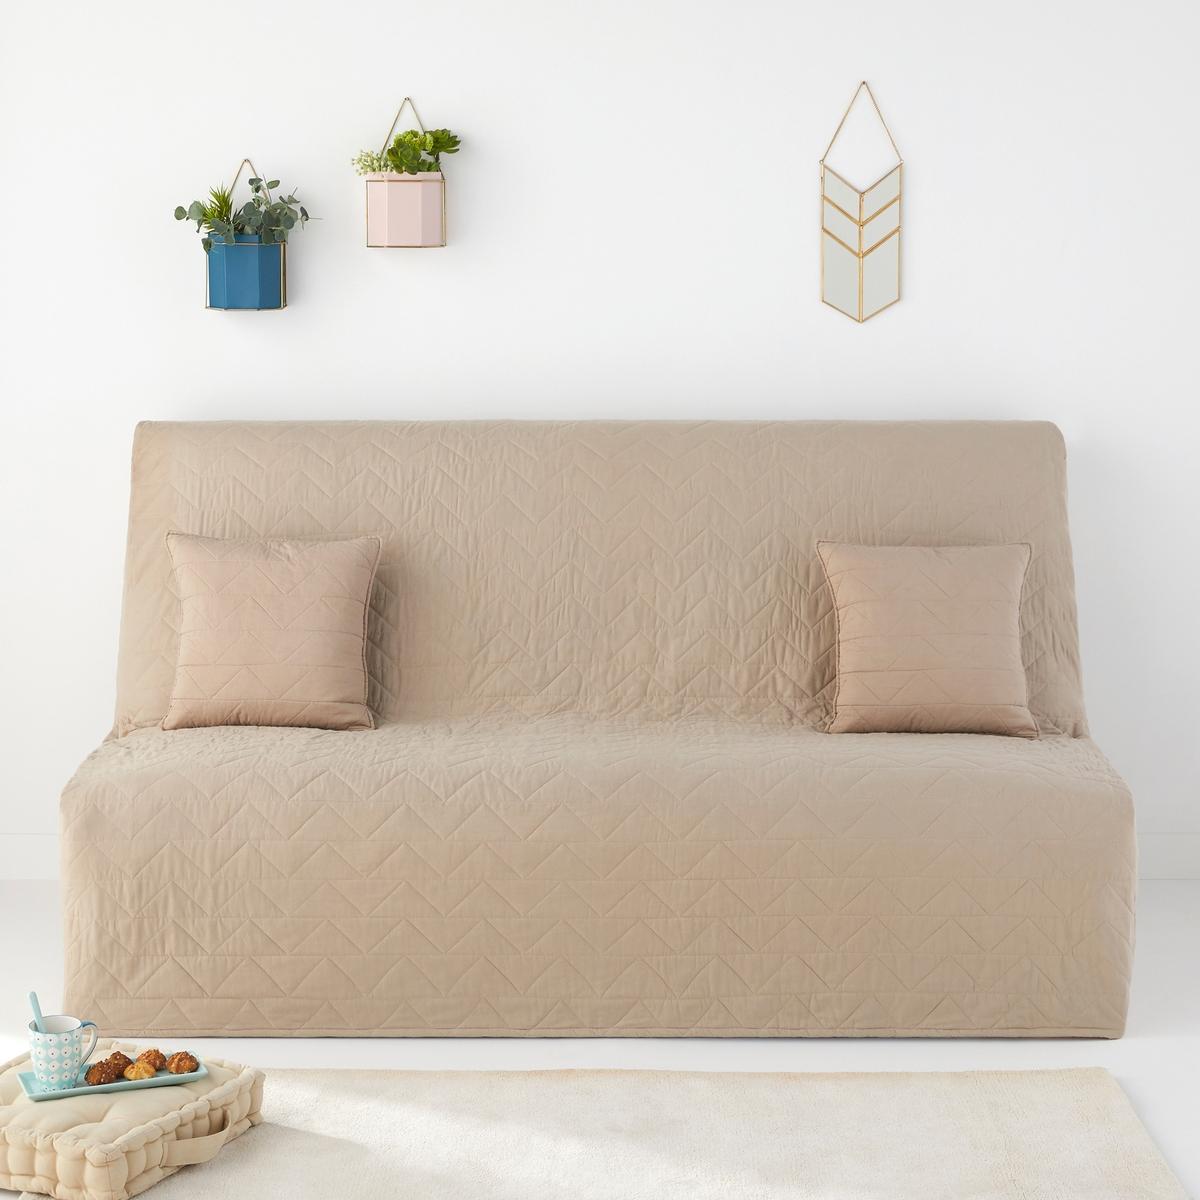 Чехол стеганый для раскладного дивана SC?NARIOСтеганый чехол для раскладного дивана, 100% хлопок. Стеганая подкладка, зигзагообразная прострочка. Чехол плотно охватывает диван (частично спинку).Характеристики стеганого чехла для раскладного дивана:100% хлопок. Наполнитель 100% хлопокЭластичные края чехла.Зигзагообразная прострочкаРазмеры стеганого чехла для раскладного диванаШирина 190 см, глубина 65 см.Откройте для себя всю коллекцию декора  Zig Zag на сайте laredoute.ruЗнак Oeko-Tex® гарантирует, что товары прошли проверку и были изготовлены без применения вредных для здоровья человека веществ.<br><br>Цвет: антрацит,бежевый,сине-зеленый